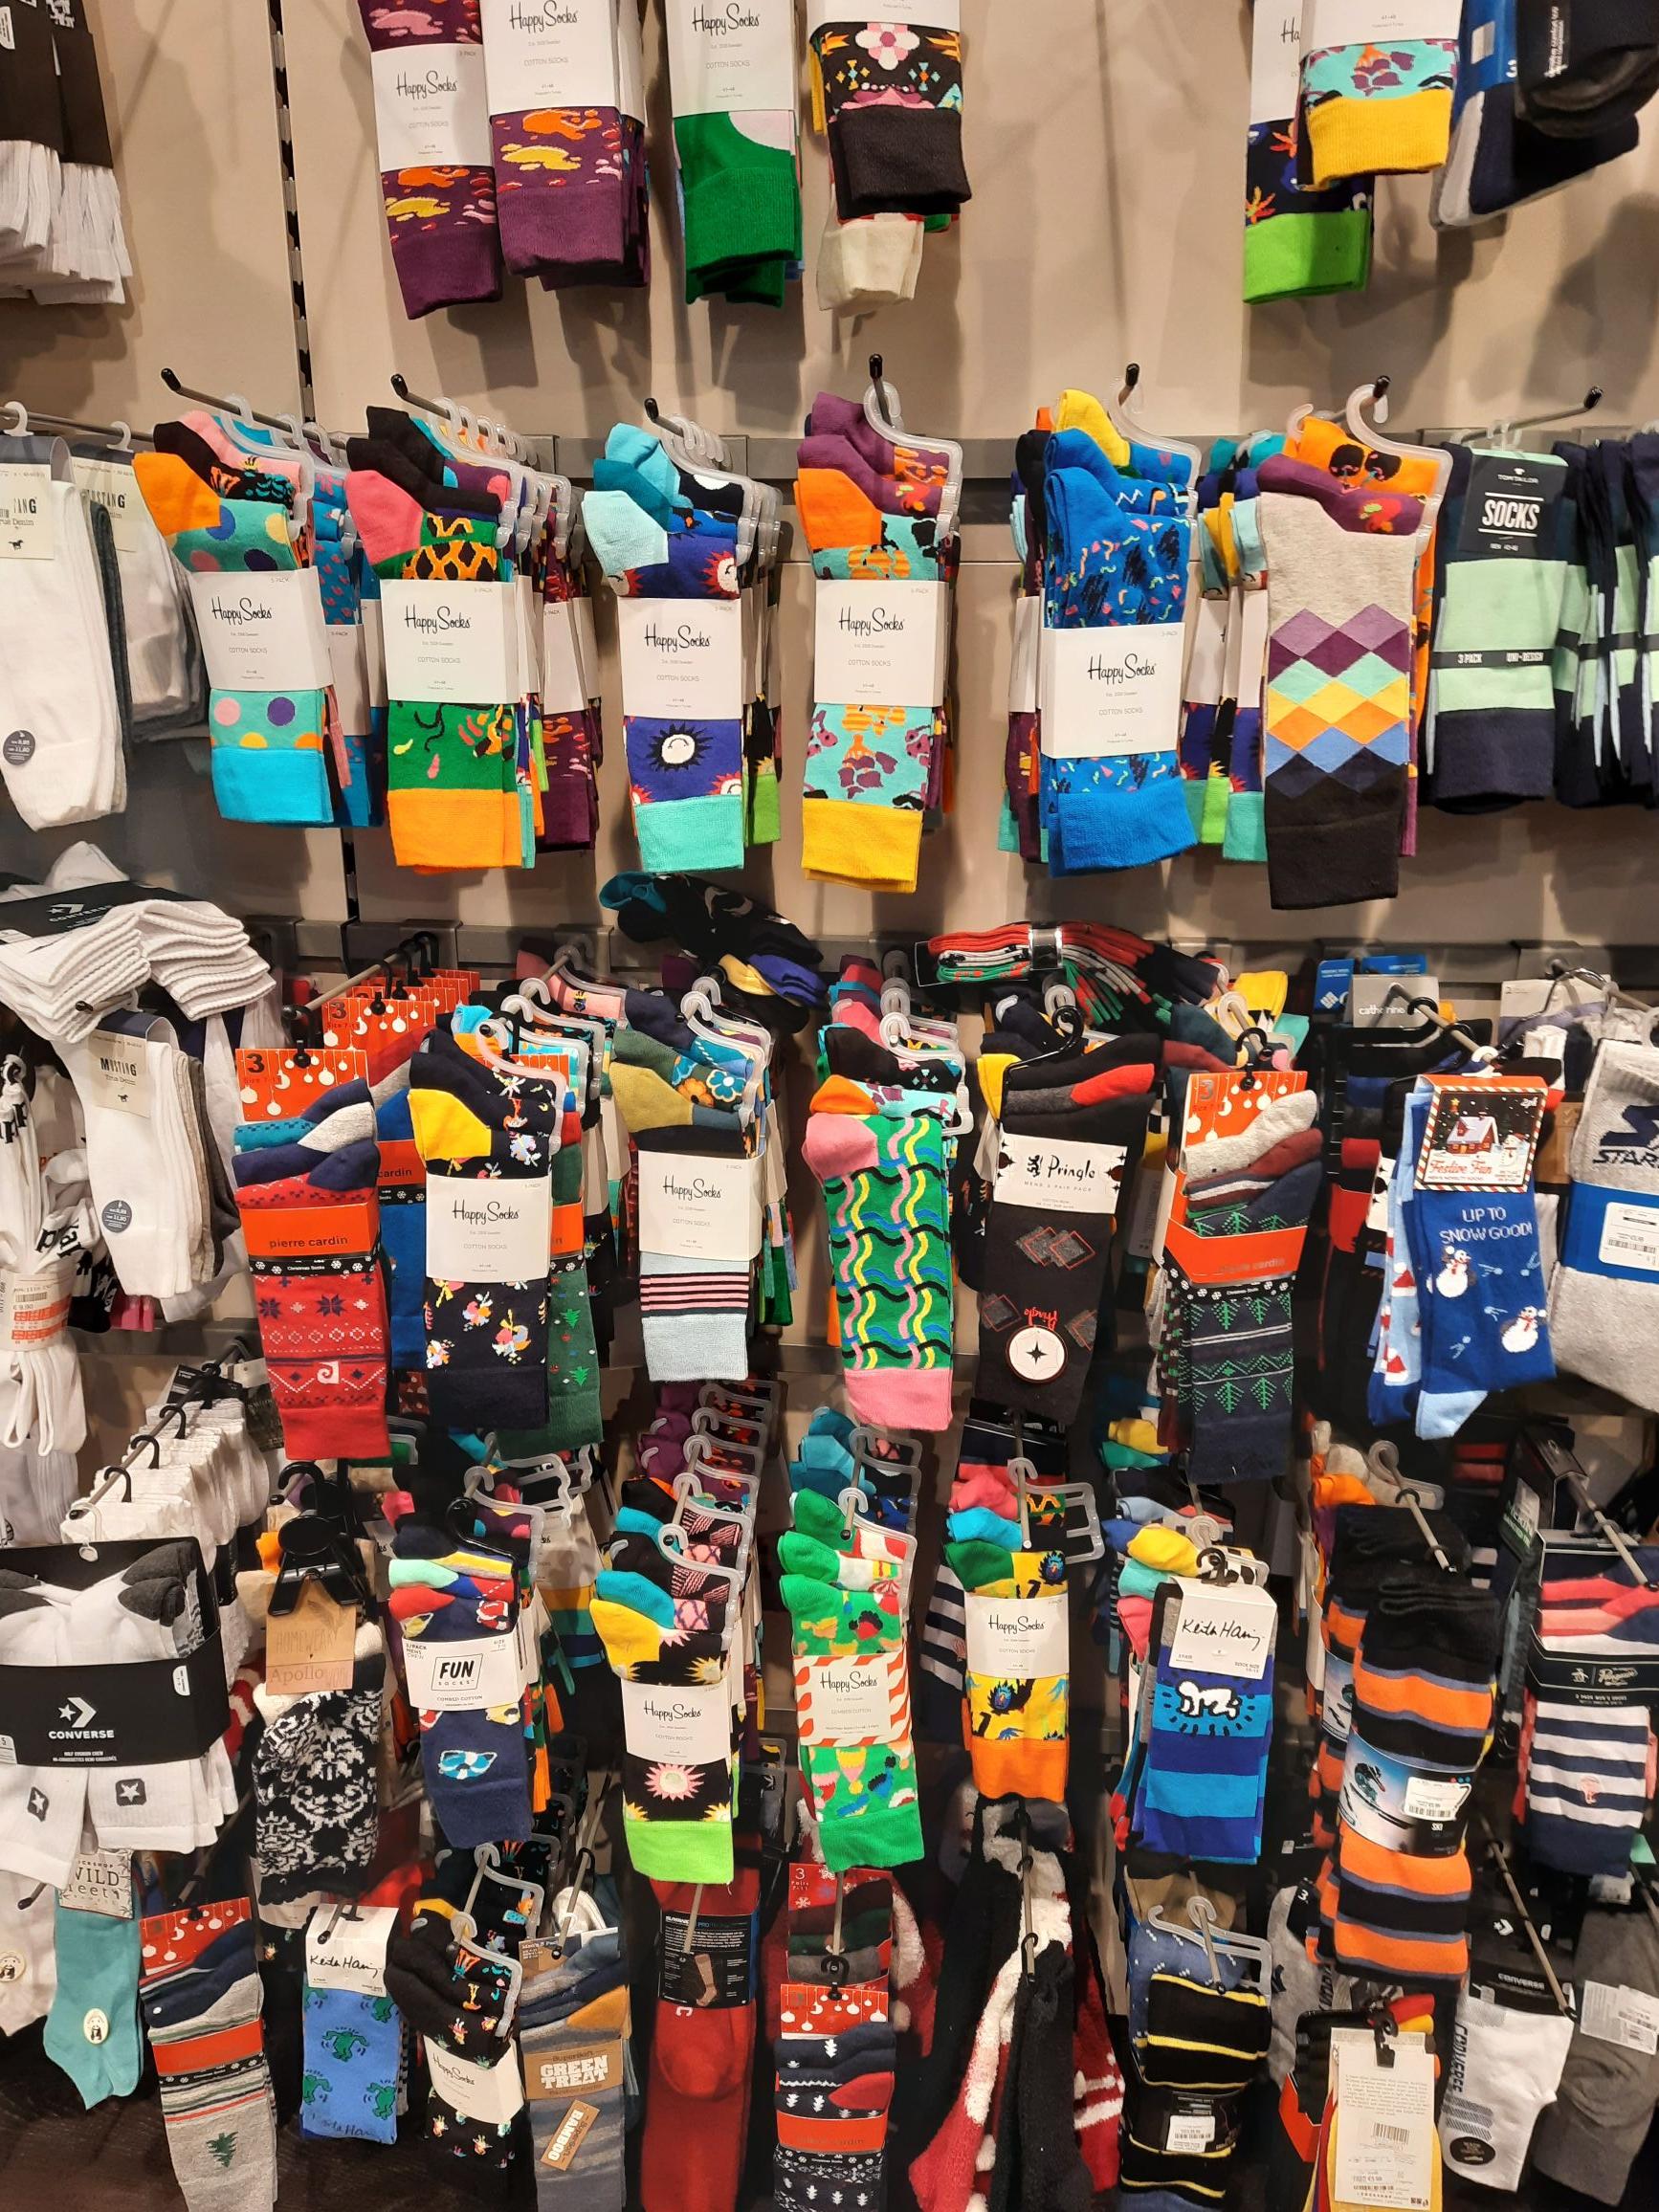 Happy Socks 3er Pack verschiedene Ausführungen lokal TK Maxx in Mülheim-Kärlich